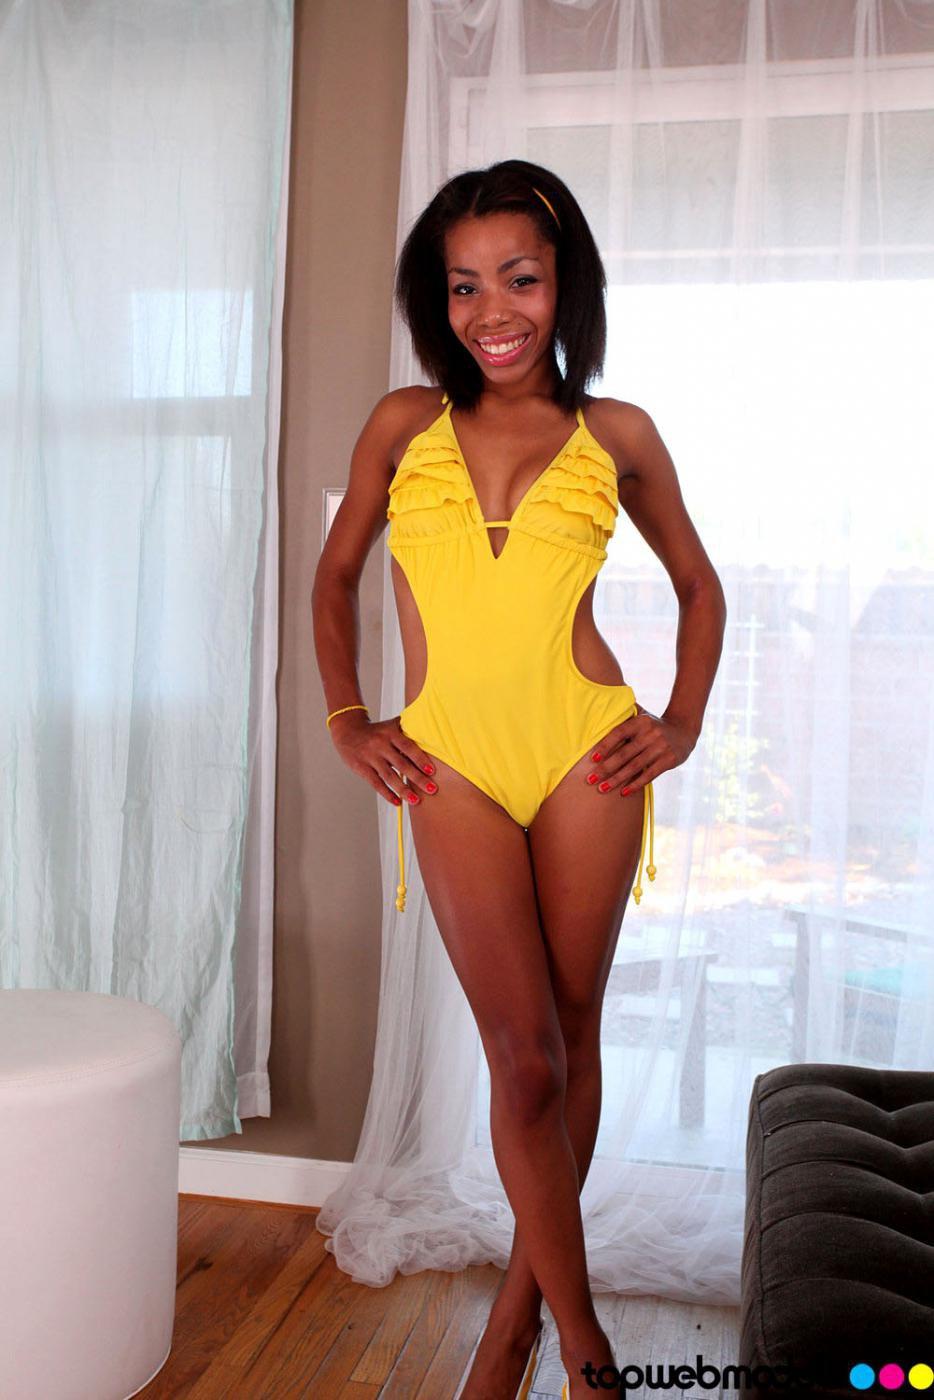 lauren ebony handjob porn lauren ebony lauren ebony lauren ebony laurean lesley